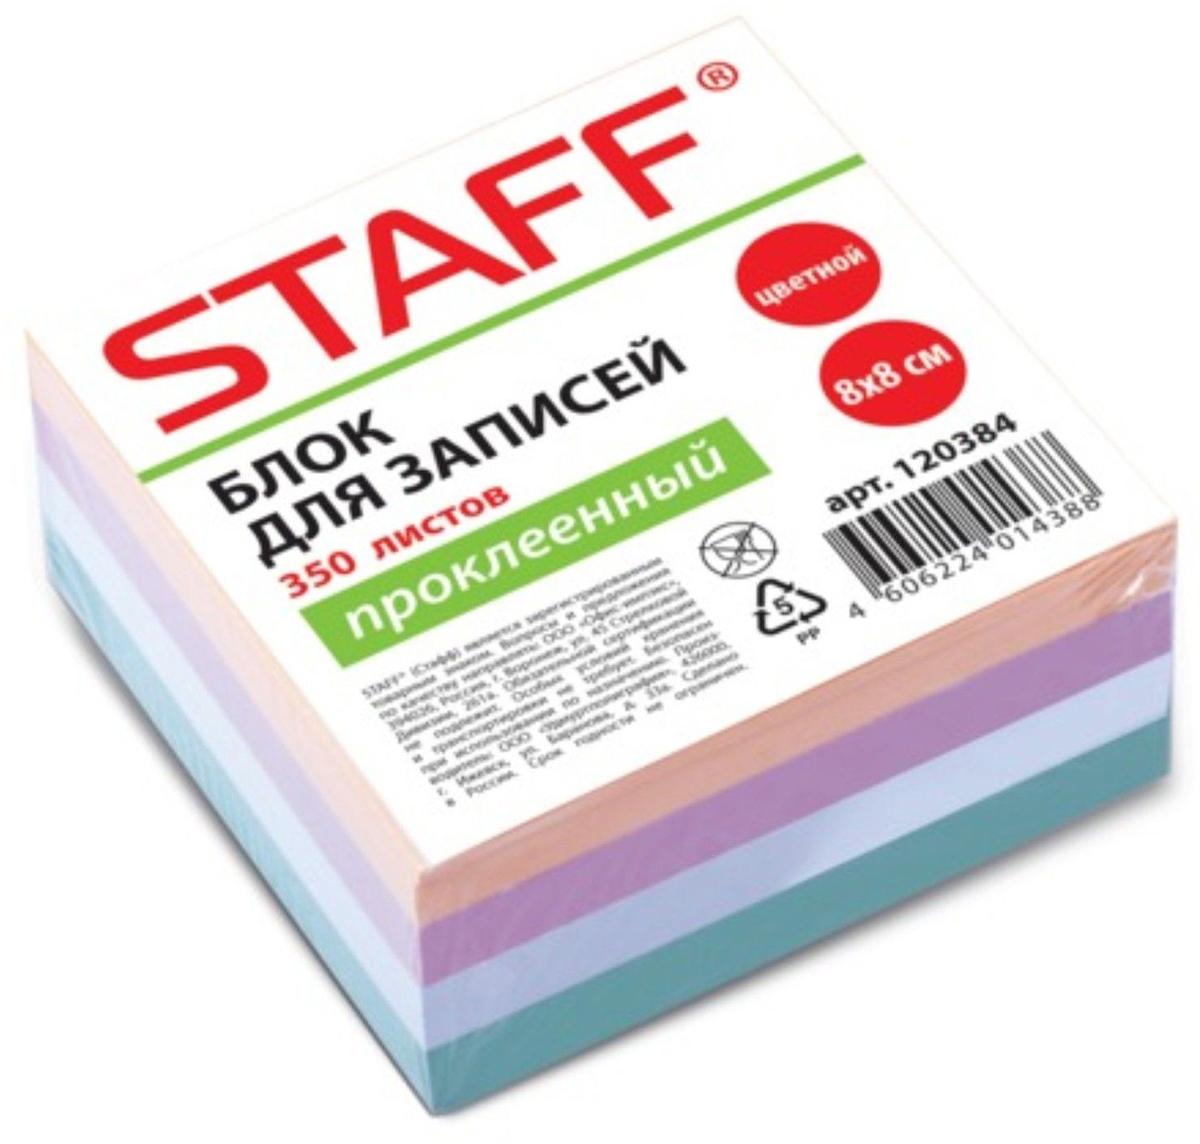 Staff Блок для записей 8 x 8 см 350 листов2065247Невозможно представить нашу жизнь без праздников! Мы всегда ждем их и предвкушаем, обдумываем, как проведем памятный день, тщательно выбираем подарки и аксессуары, ведь именно они создают и поддерживают торжественный настрой. Блок бумаги для записей на склейке 8x8x4 цветной, 350 листов STAFF — это отличный выбор, который привнесет атмосферу праздника в ваш дом!Часто появляется необходимость оставить небольшое послание коллеге, сделать пометку для родных или запомнить нужный телефон?Чтобы зафиксировать важную информацию, достаточно иметь при себе неброский, но необходимый в быту предмет — Блок бумаги для записей на склейке 8x8x4 цветной, 350 листов STAFF. Этот канцелярский аксессуар займет минимум места в сумке или на рабочем столе.